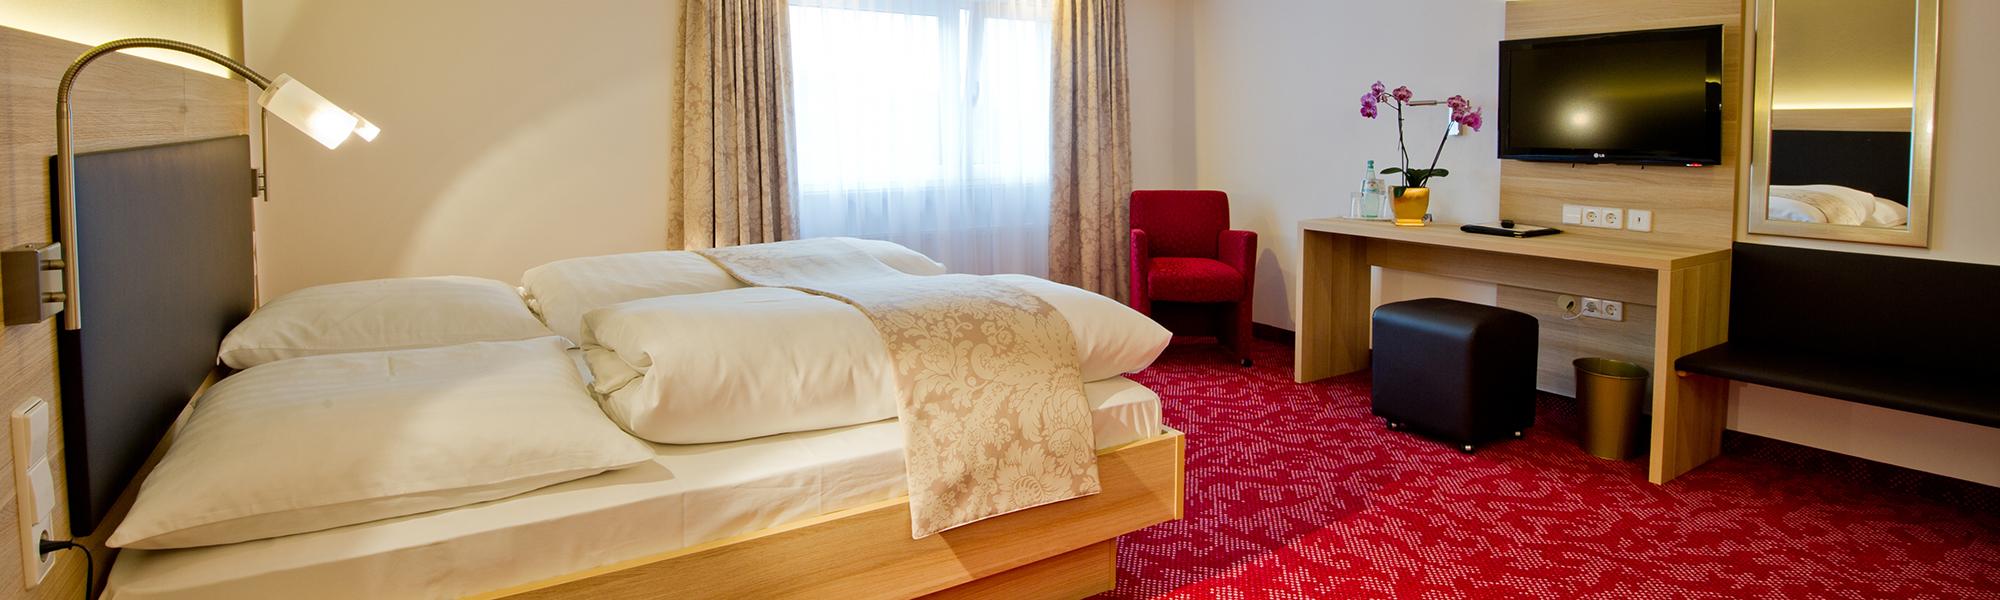 Hotel Sternen Staufenberg